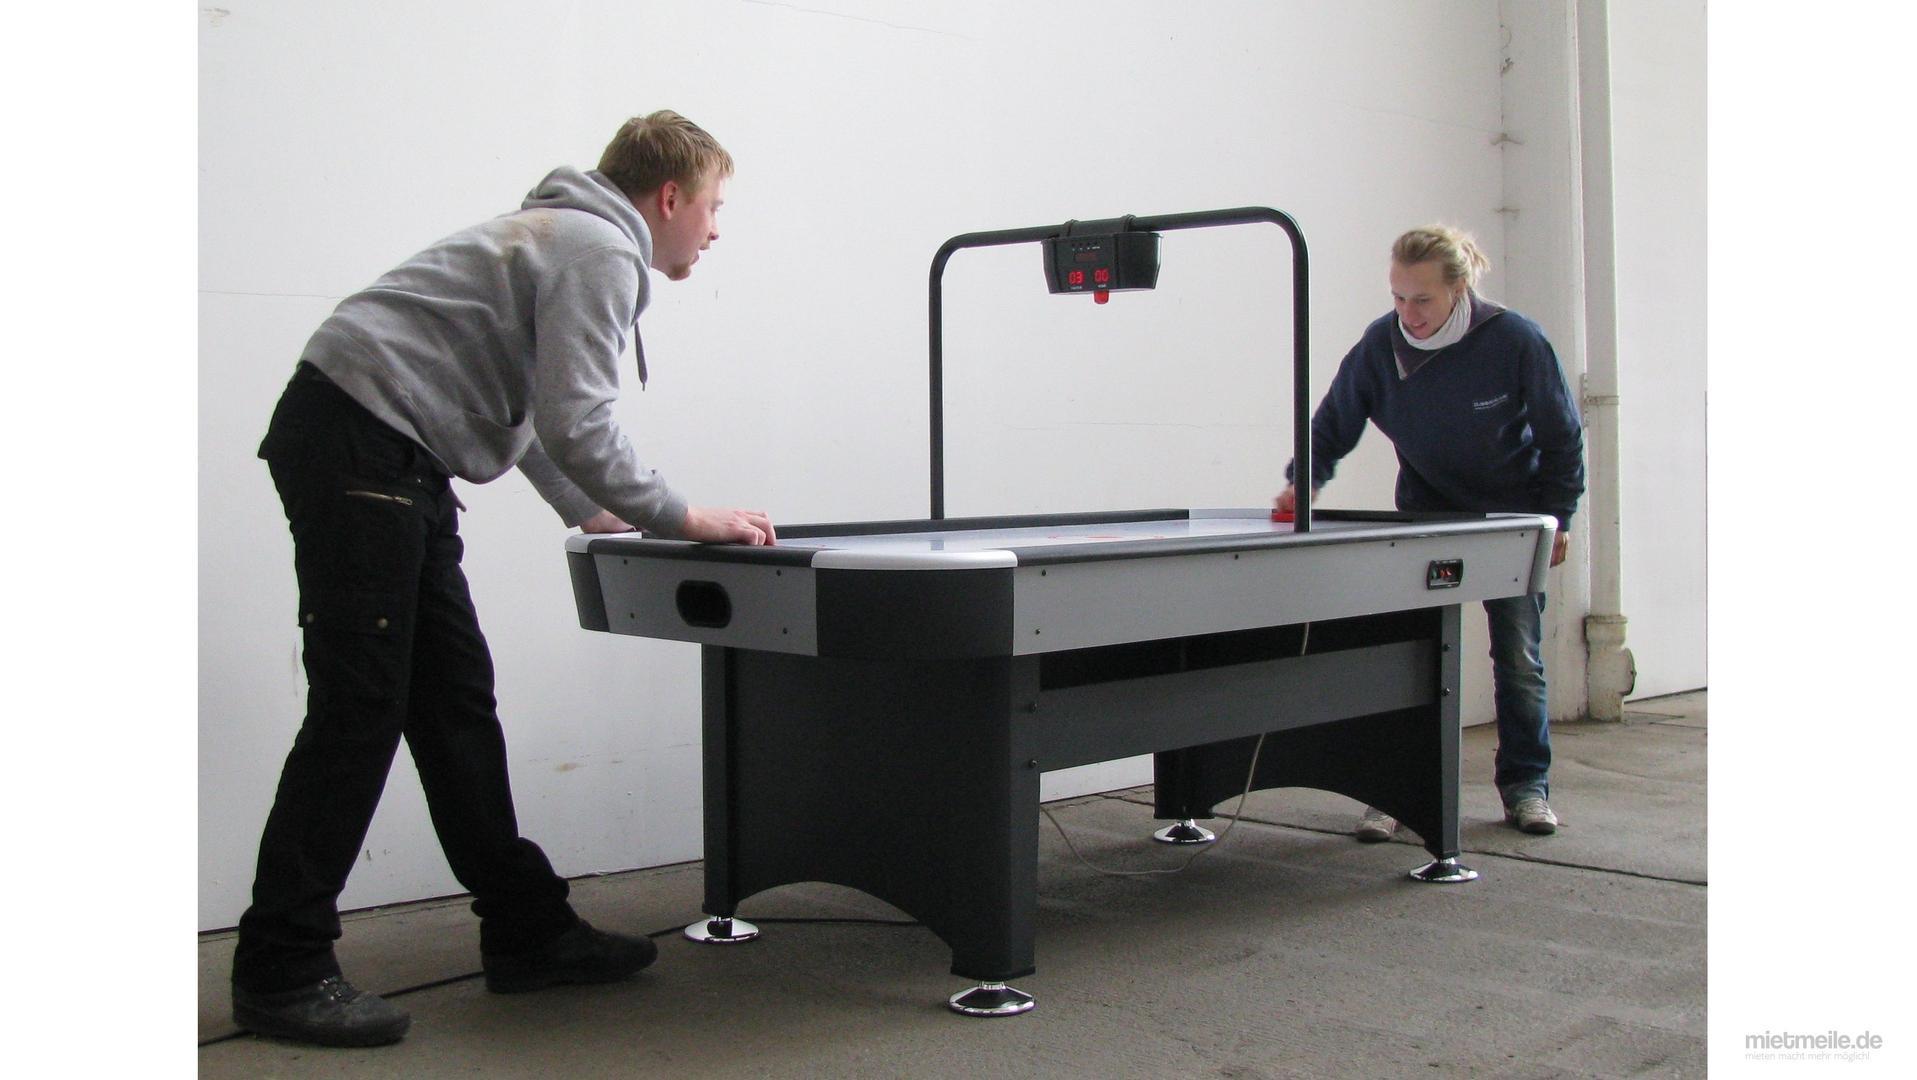 Spielgeräte mieten & vermieten - Air Hockey in Hannover